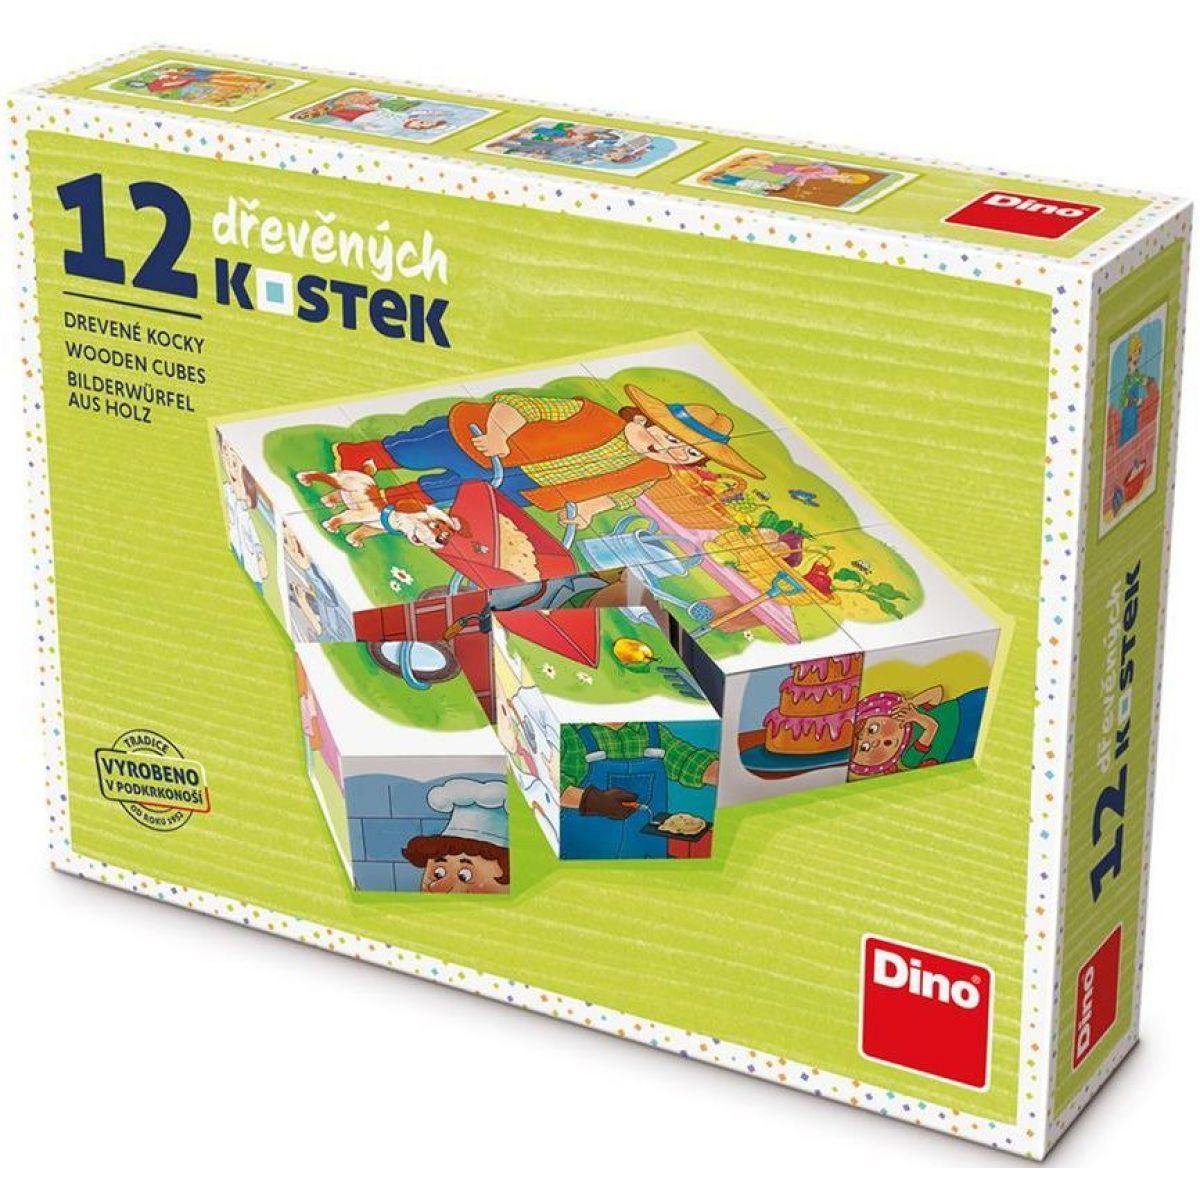 Dino Povolanie drevené kocky 12 ks